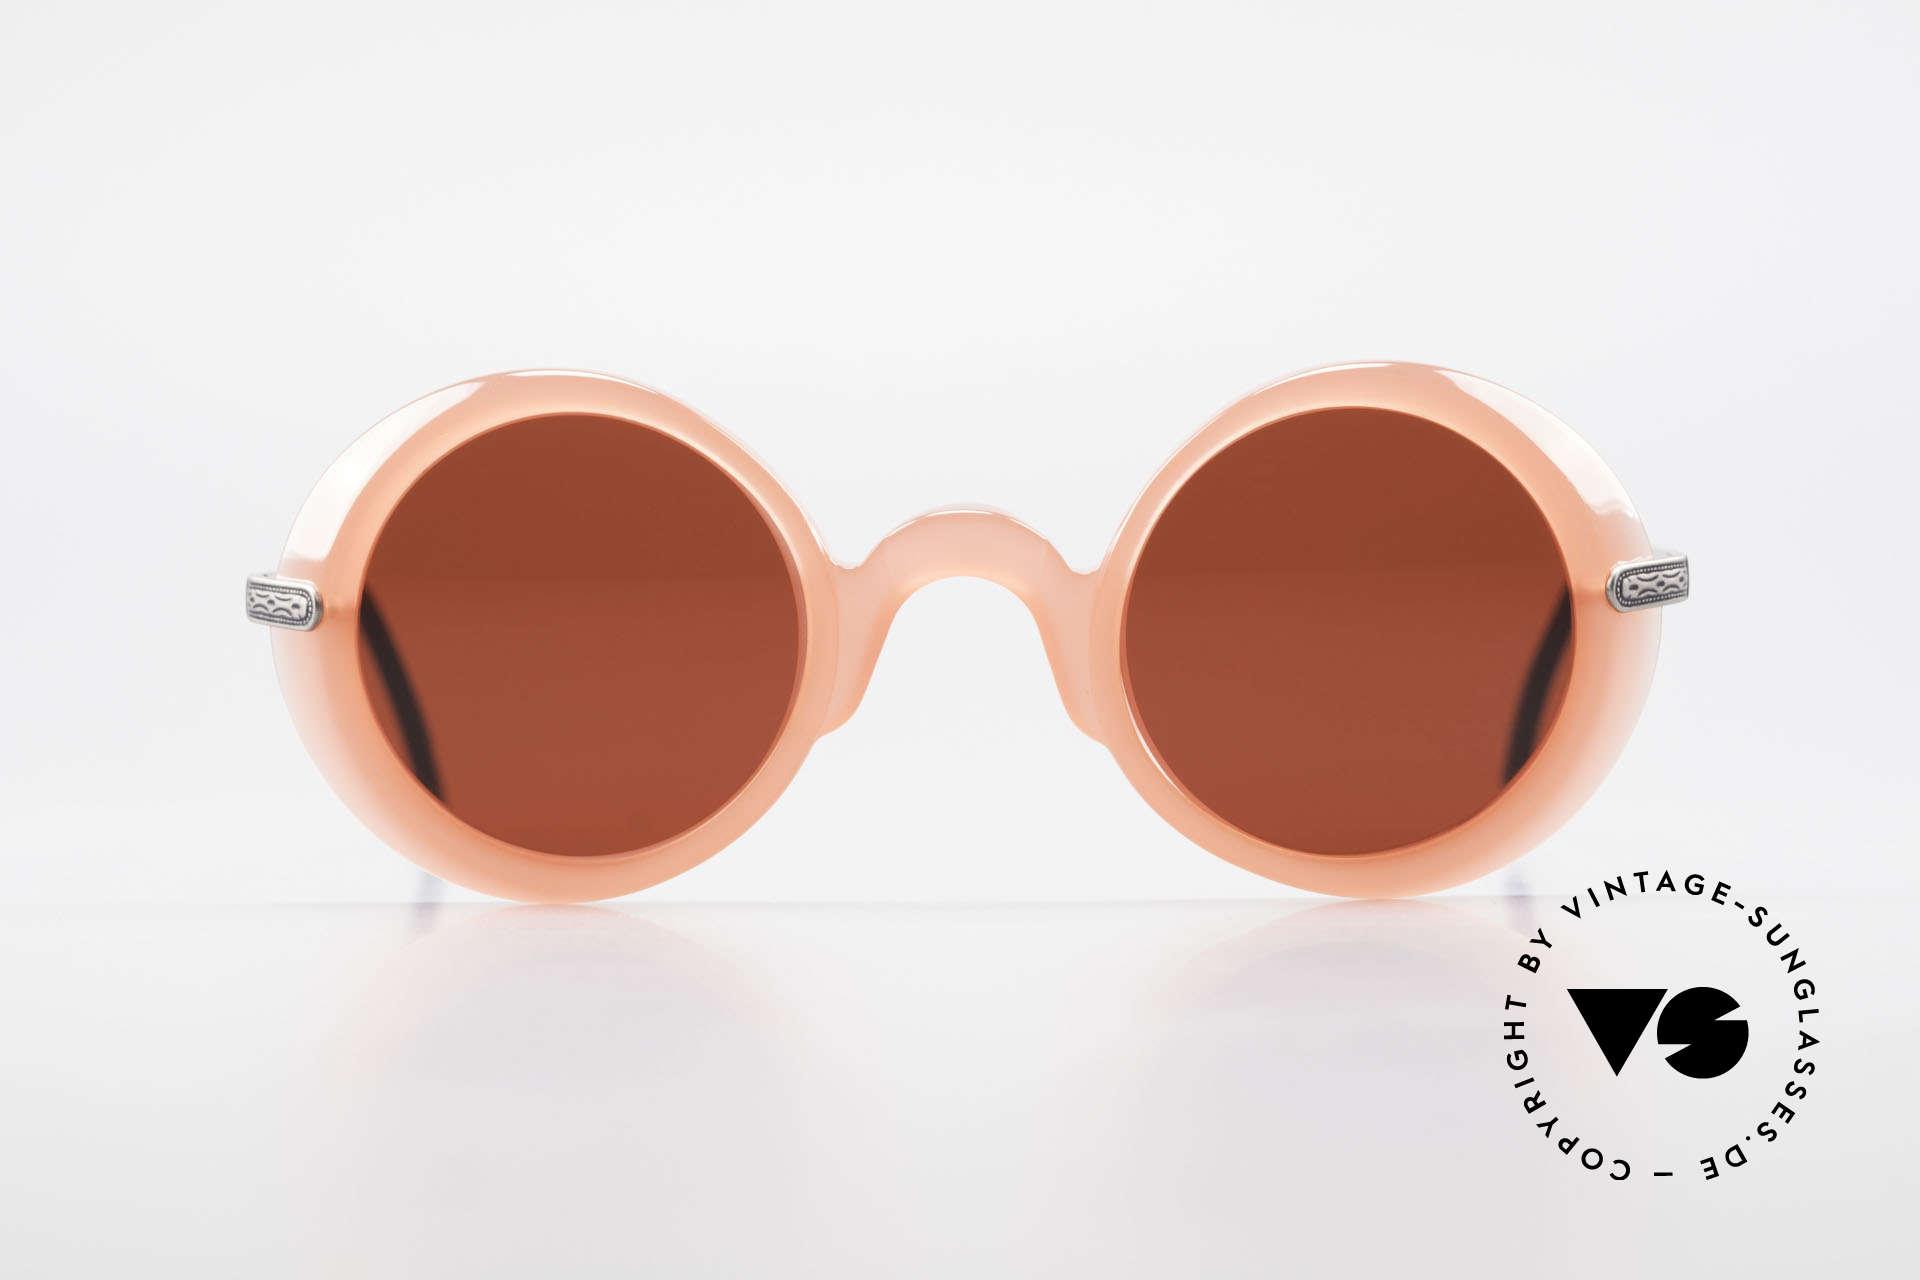 IDC I025 90er Spassbrille Steampunk, schrille Sonnengläser in 3D-Rot; eher eine Spassbrille, Passend für Damen